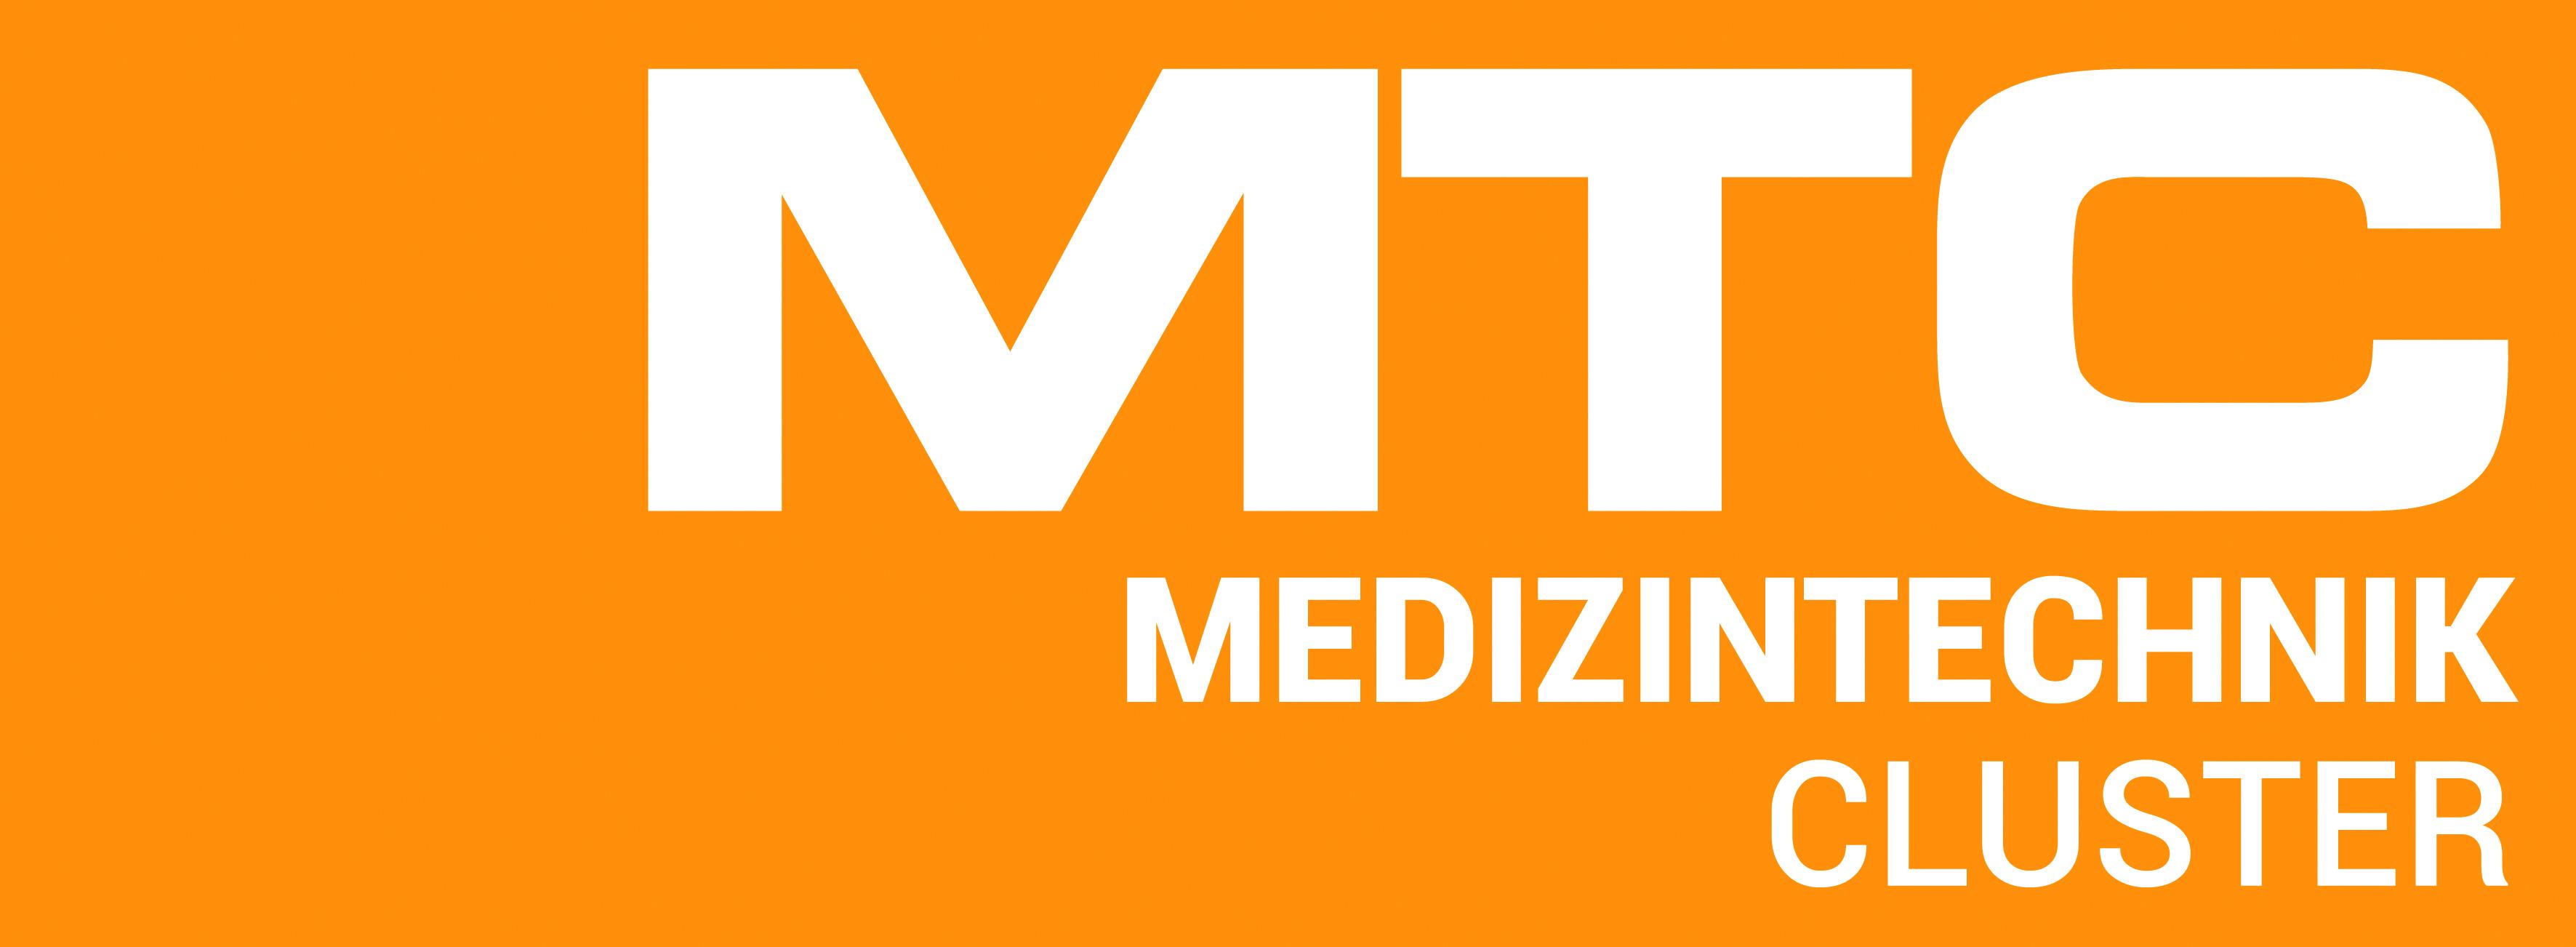 Medizintechnik-Cluster